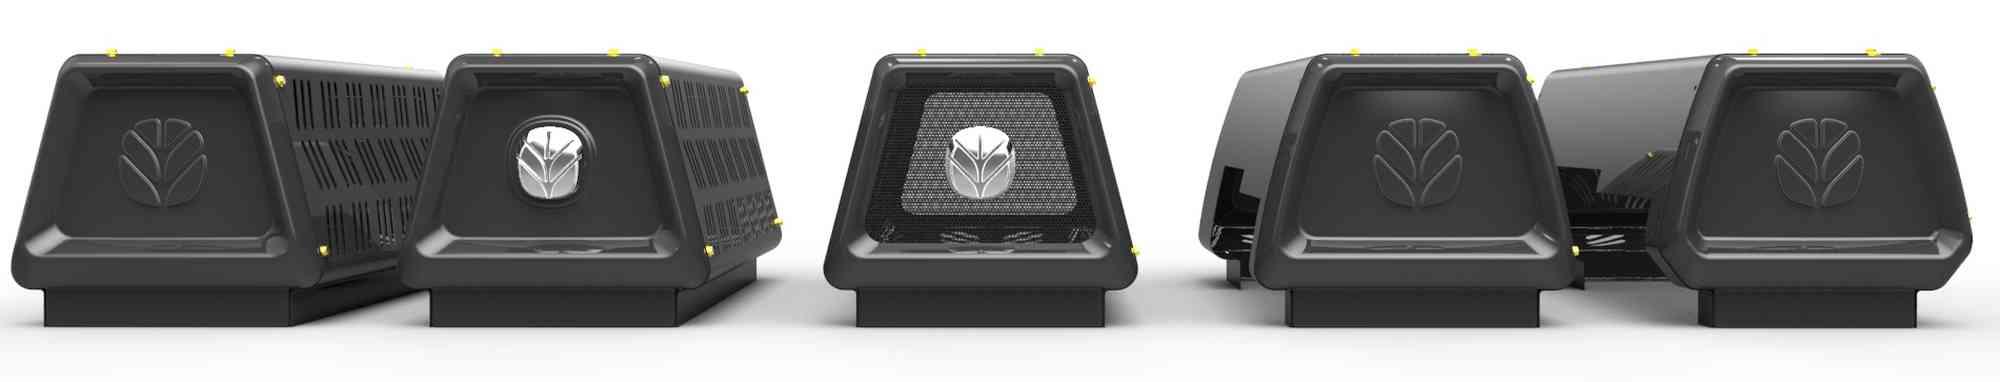 3D ontwikkeling en design voorstellen van metalen diepdruk onderdelen